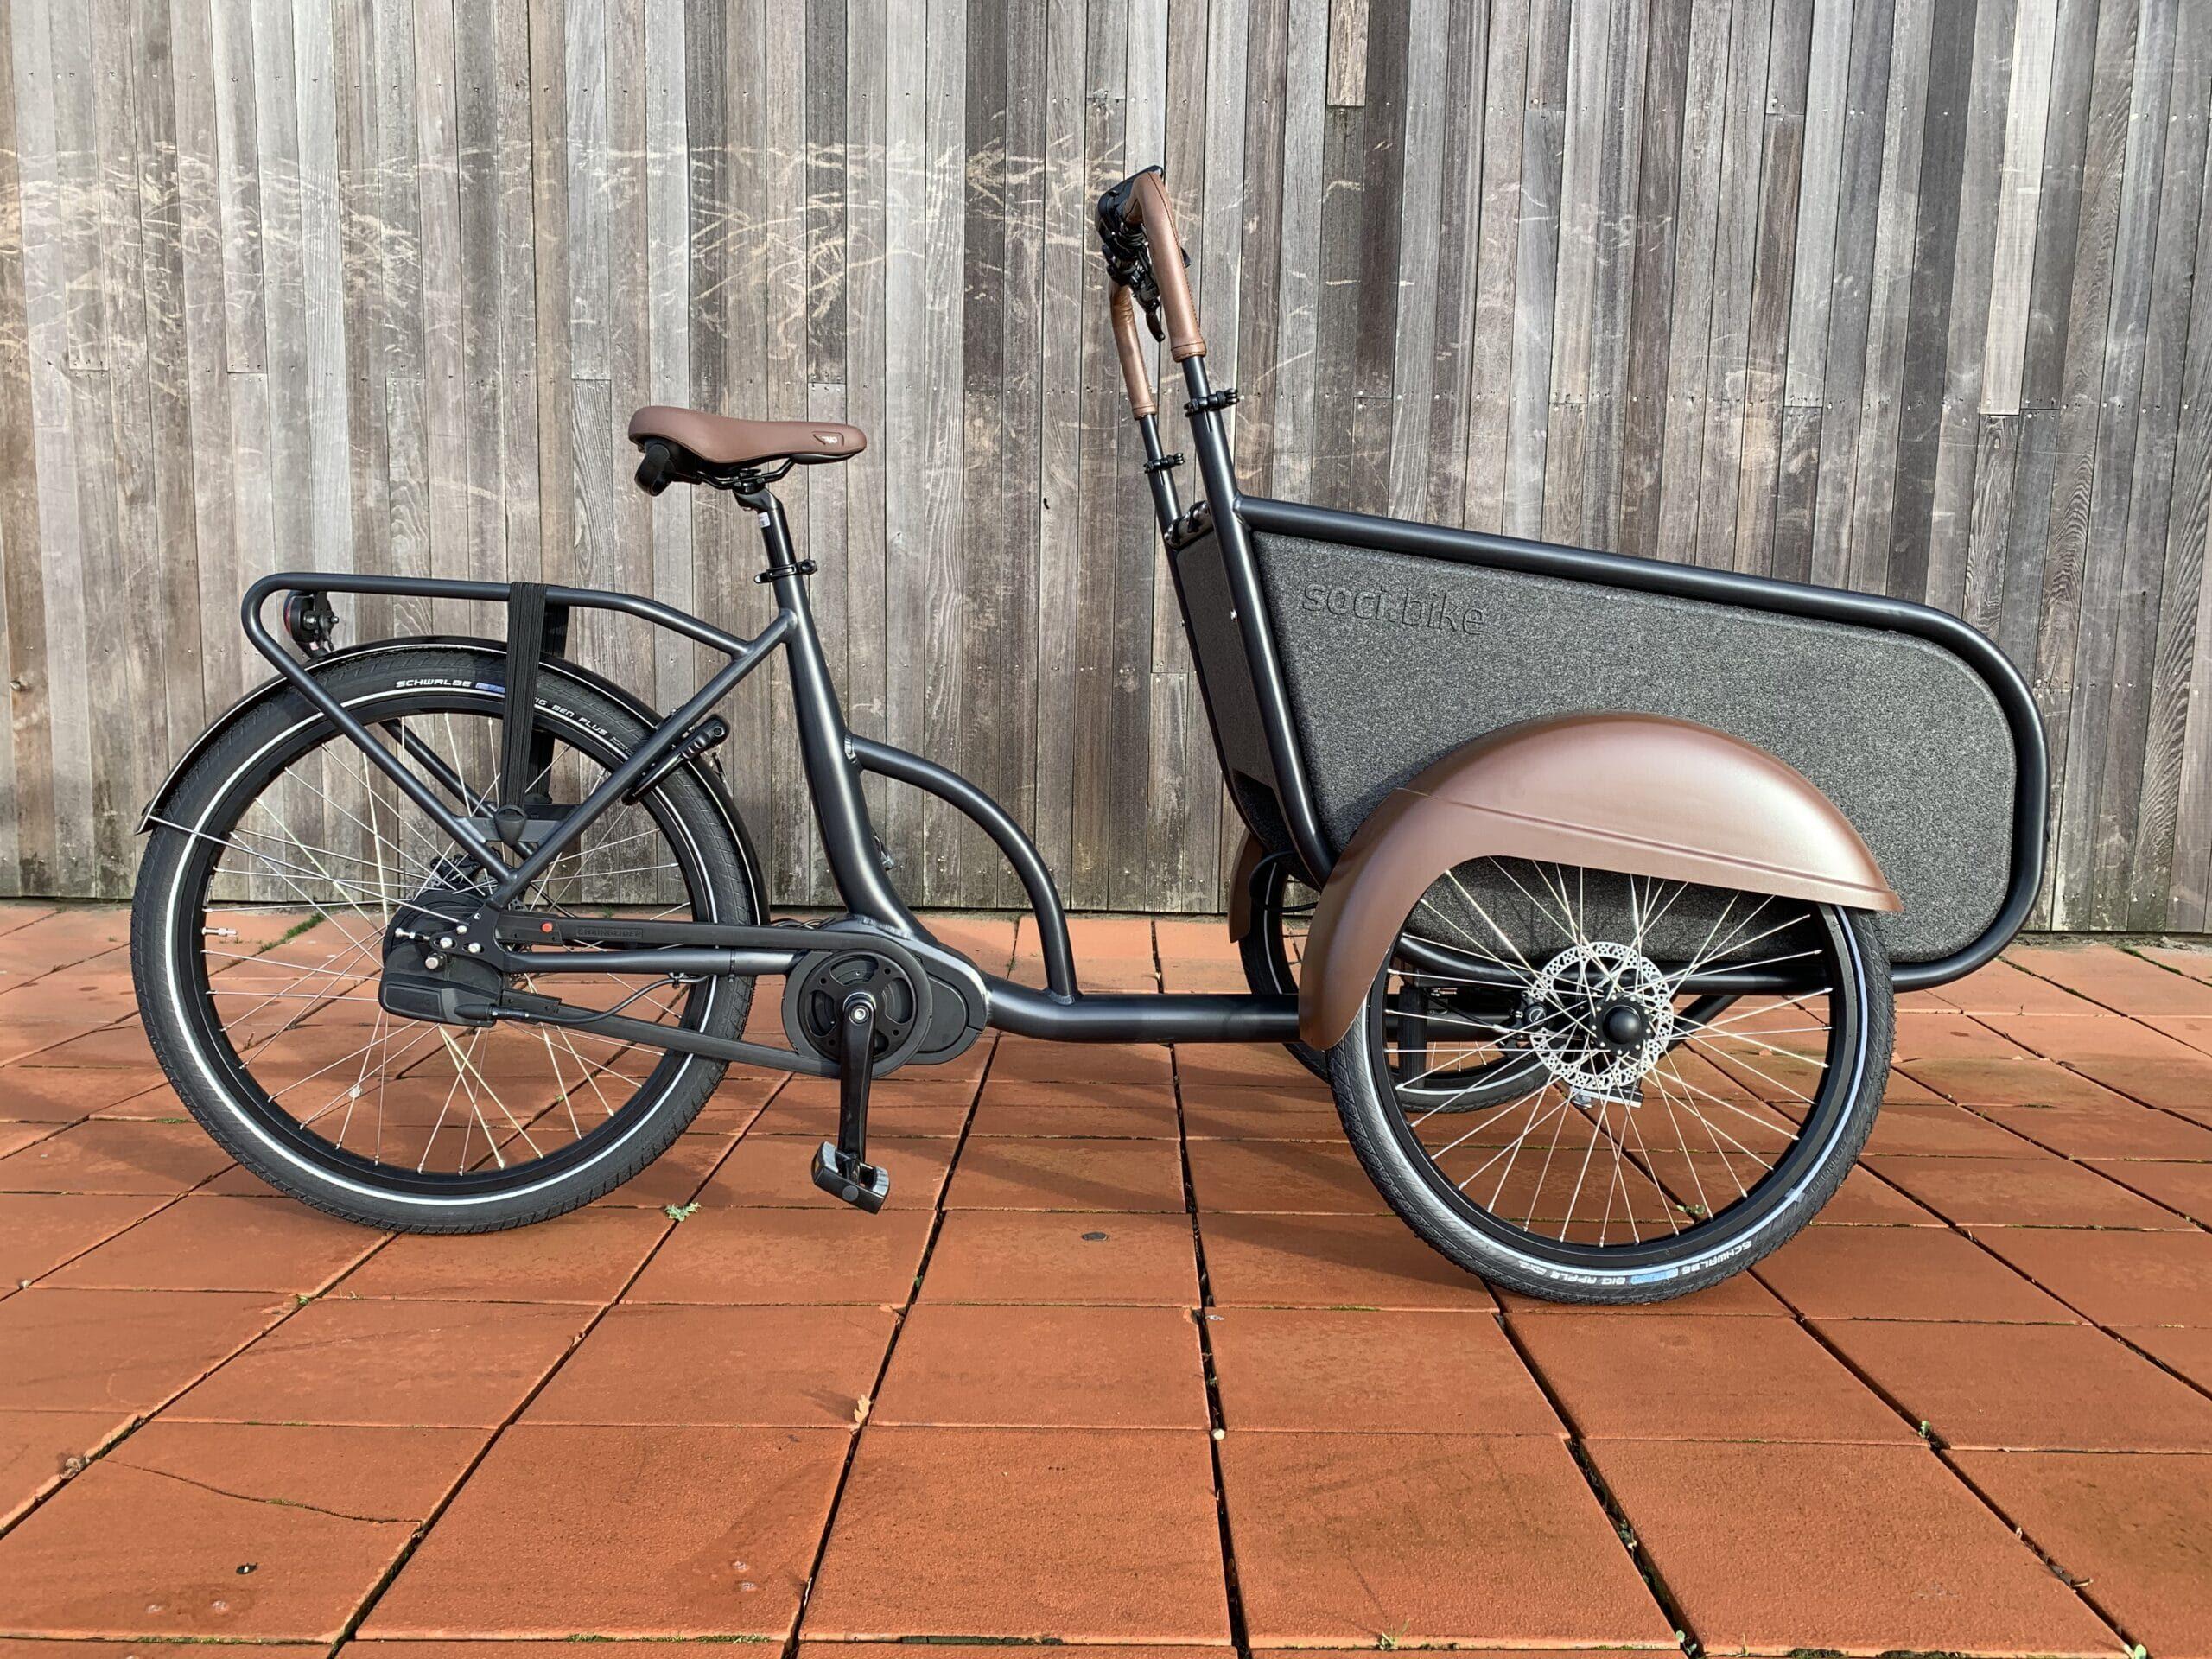 soci.bike breidt uit naar Denemarken